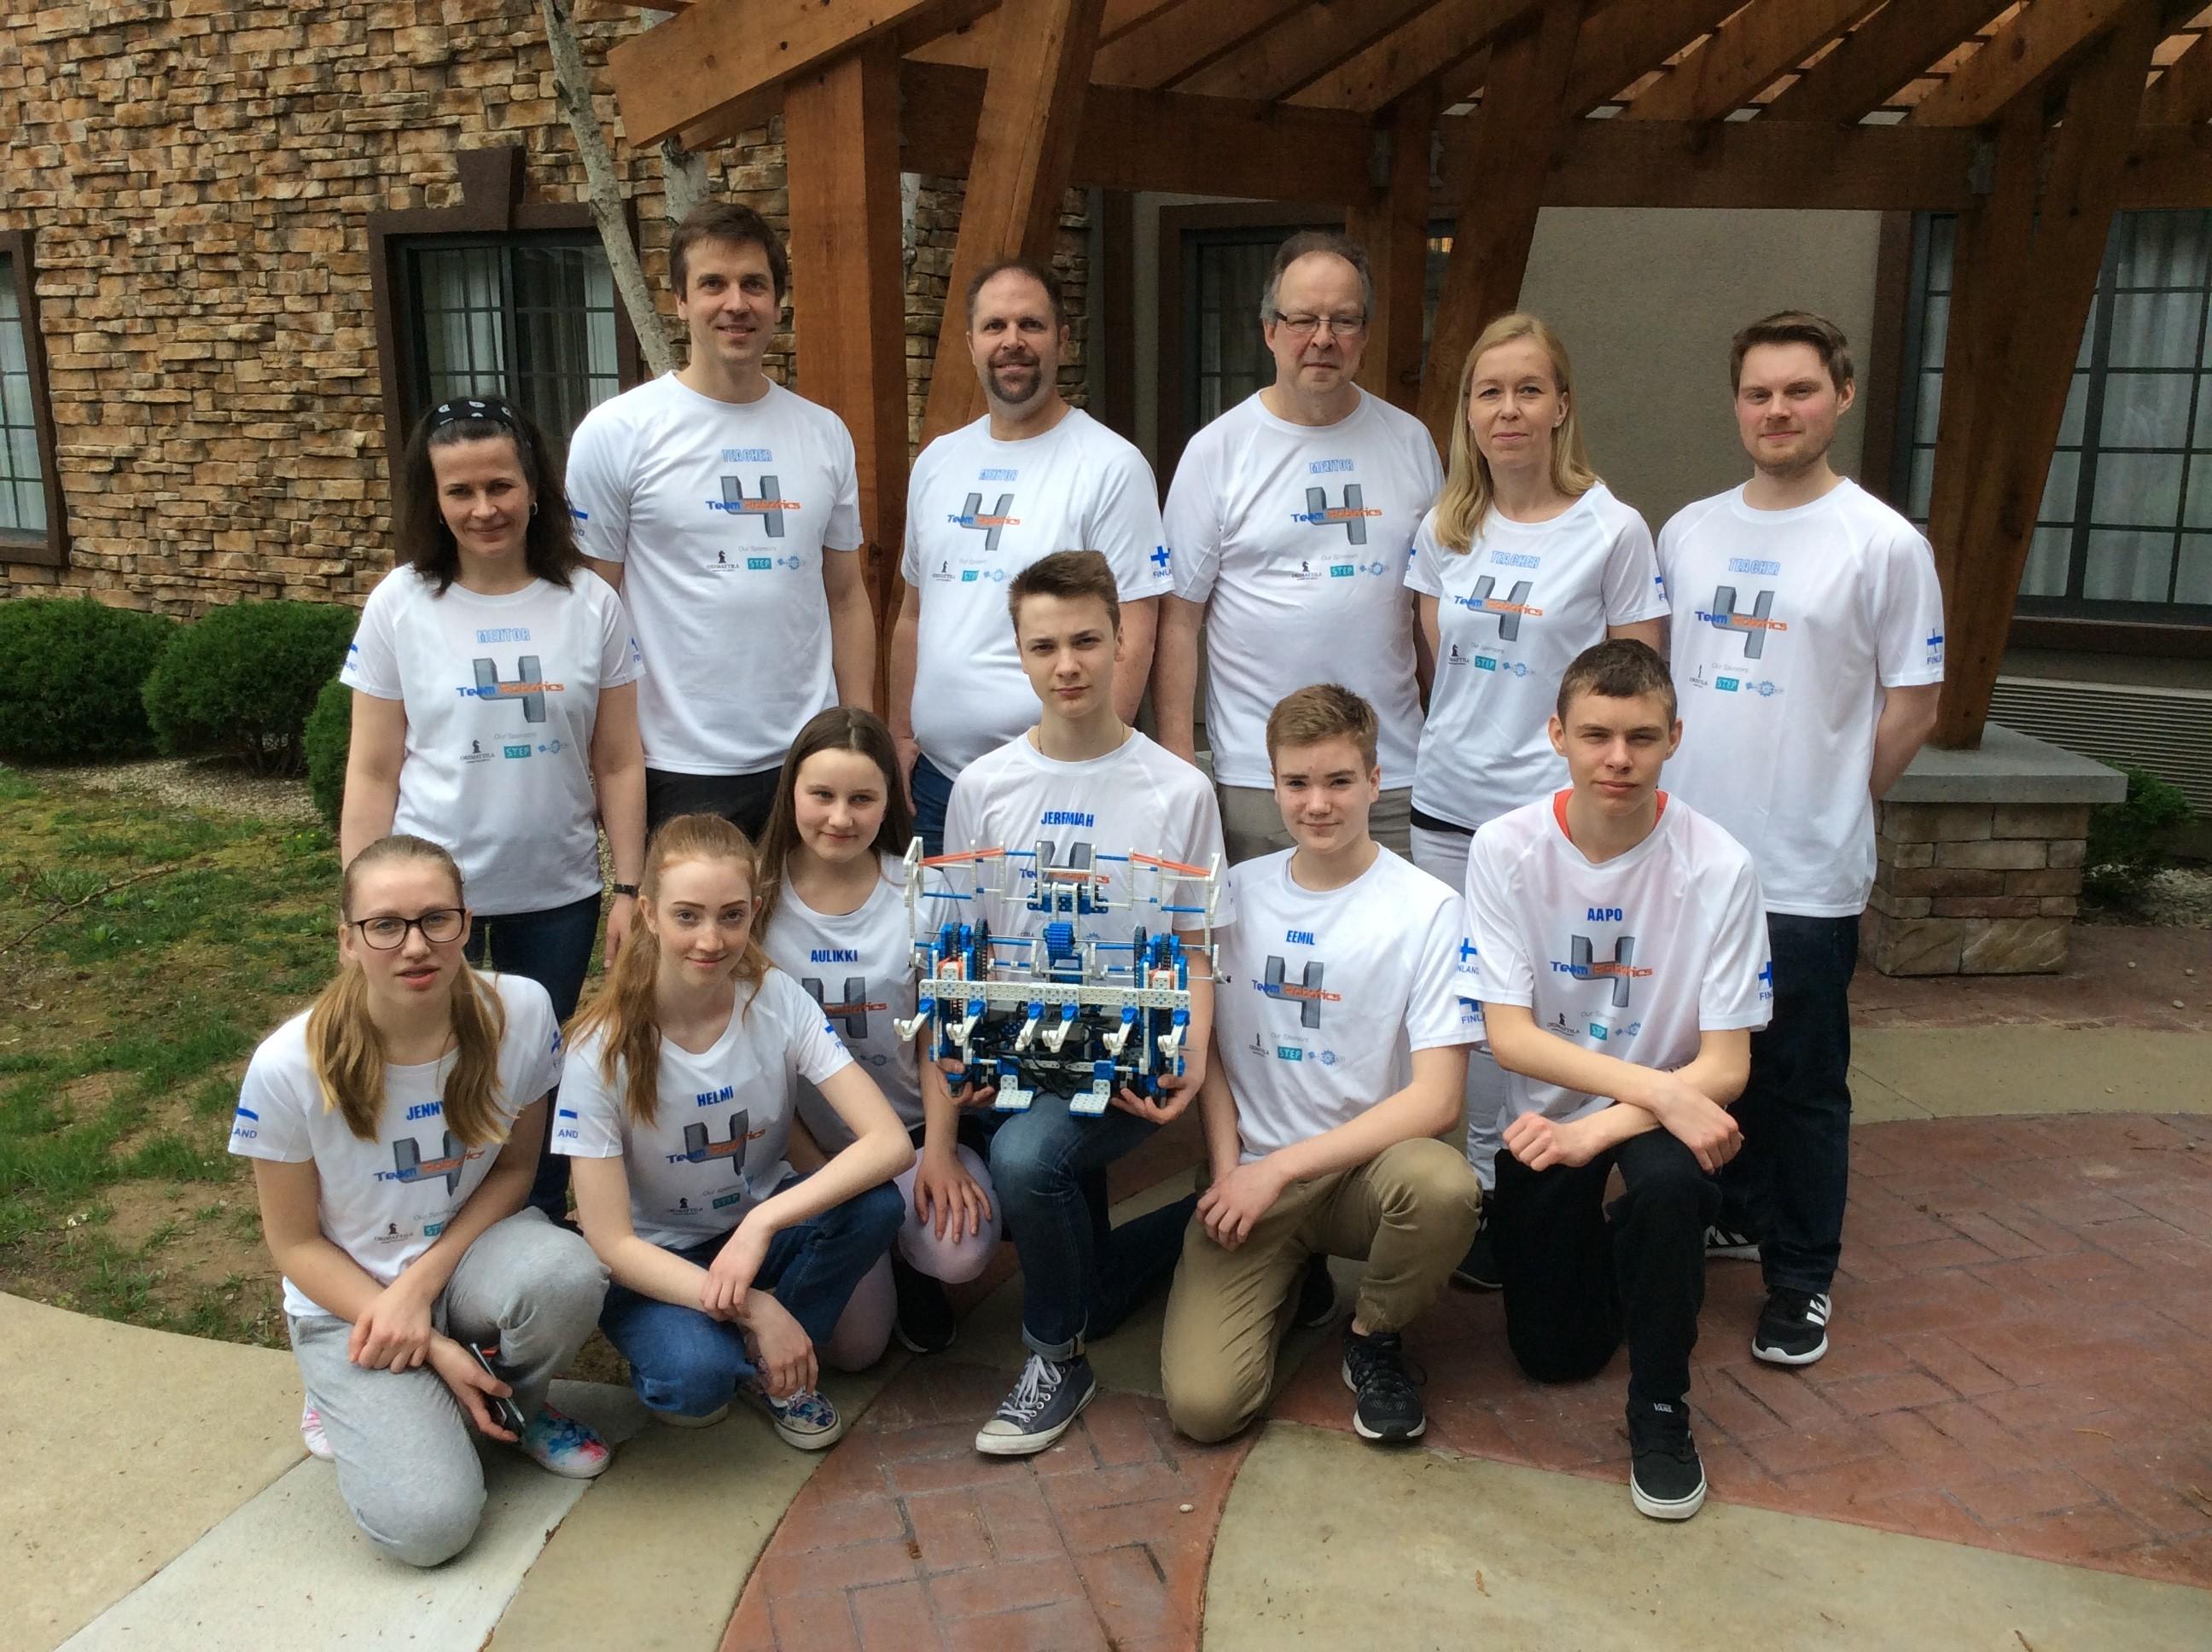 Louisville, Kentucky, USA. Suomen VEX IQ -joukkue Orimattilasta taustajoukkoineen olivat USA:ssa käytävän VEX Worlds 2017 Robotiikan maailmanmestaruustapahtumassa.